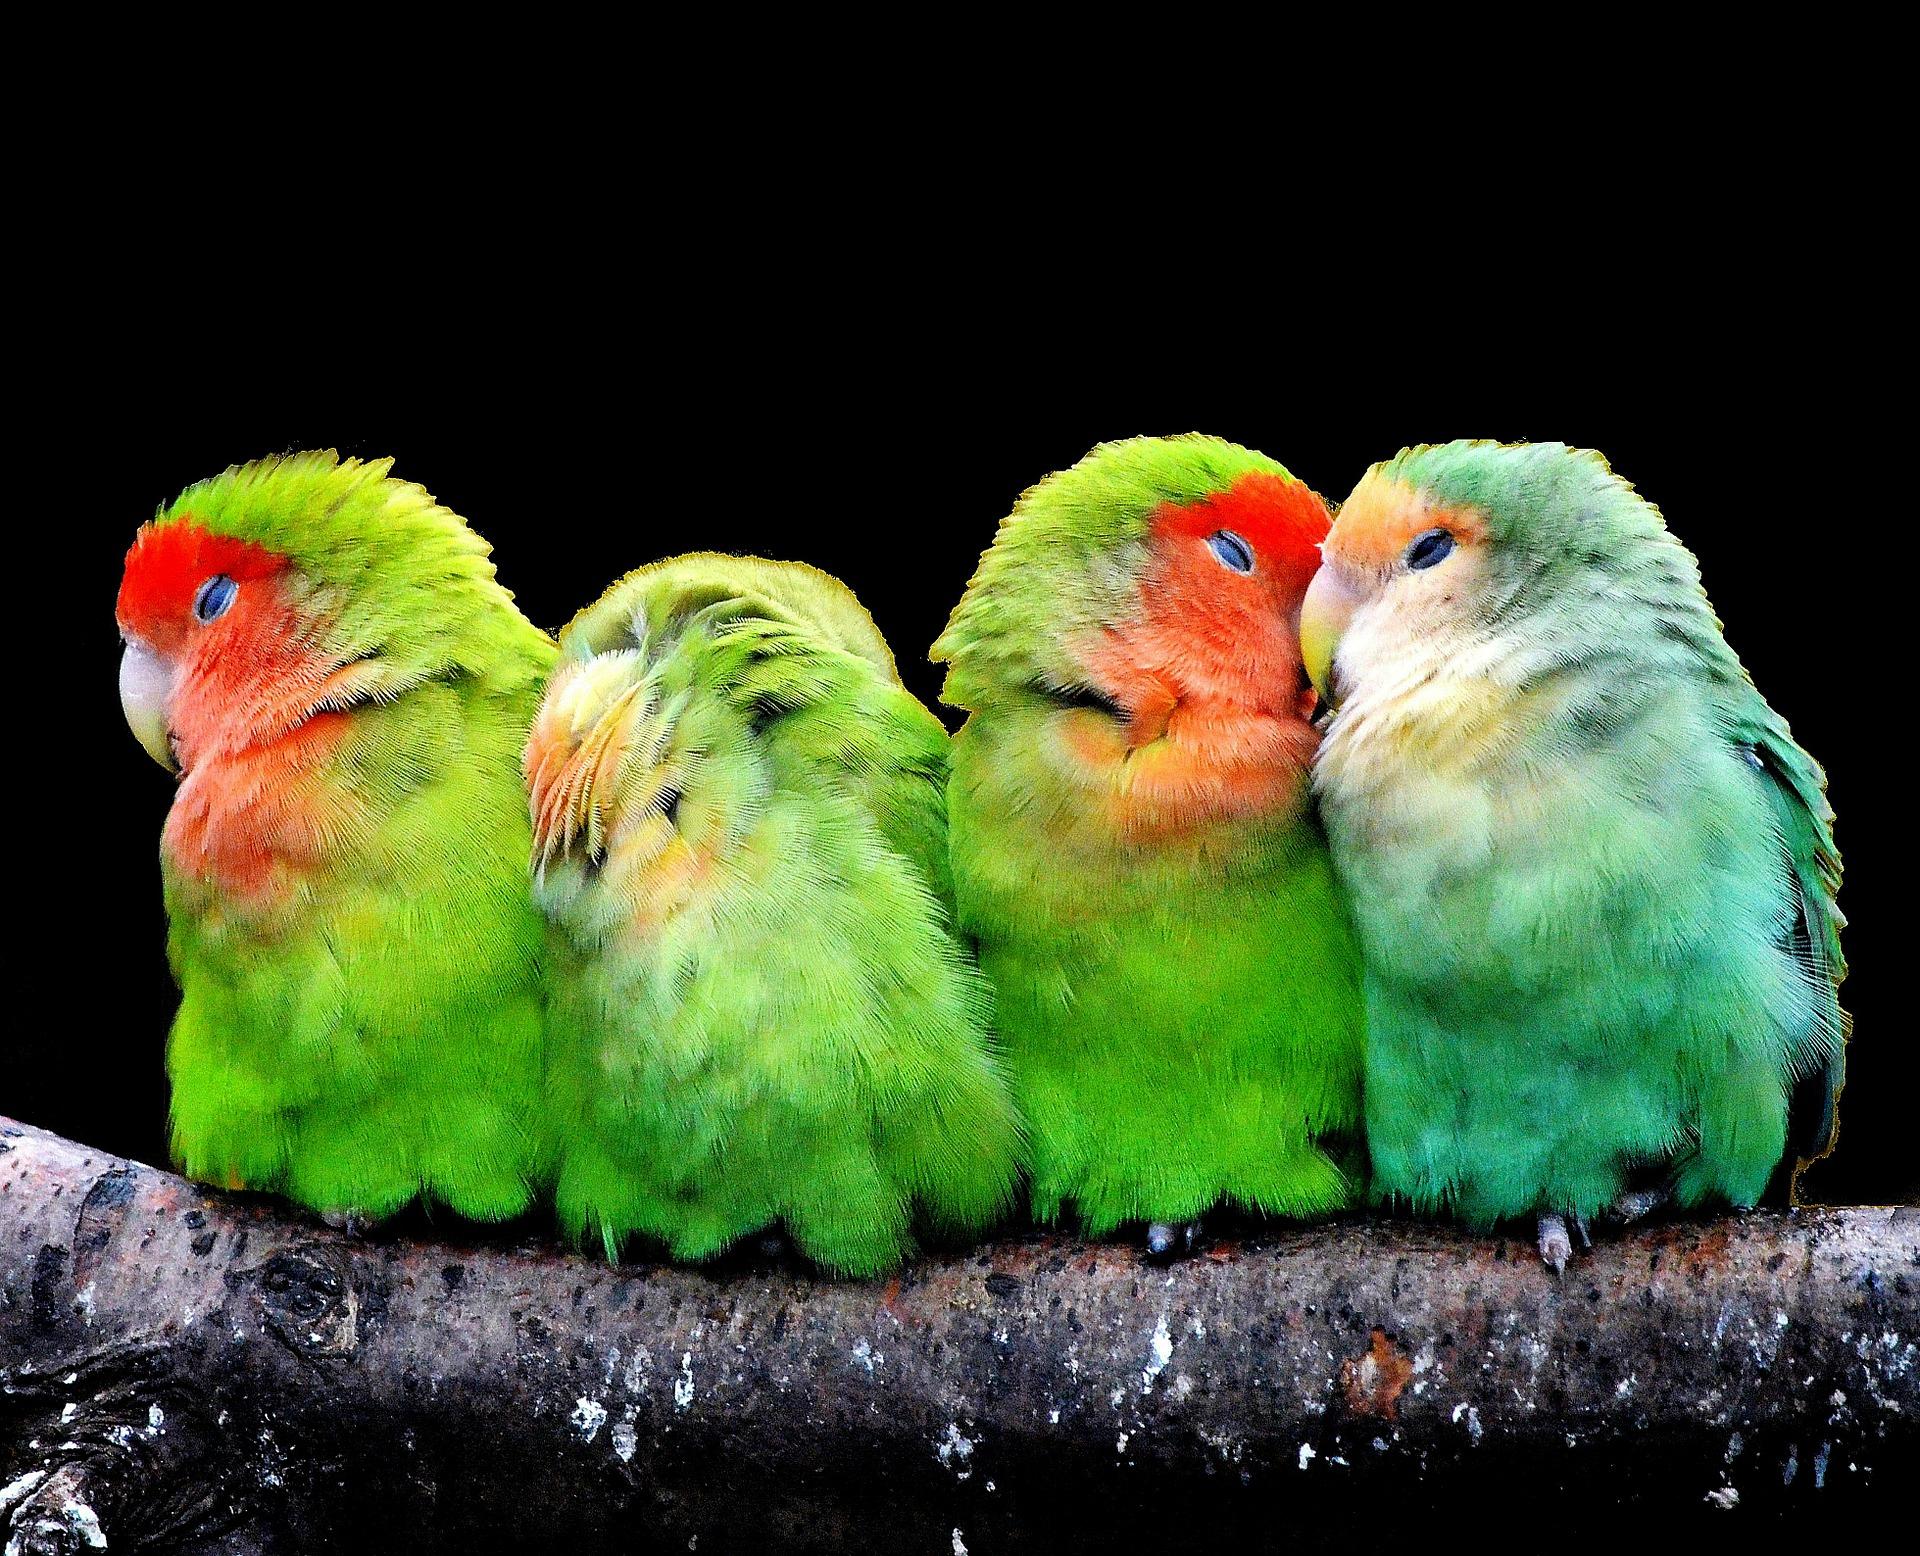 parrots-277093_1920.jpg